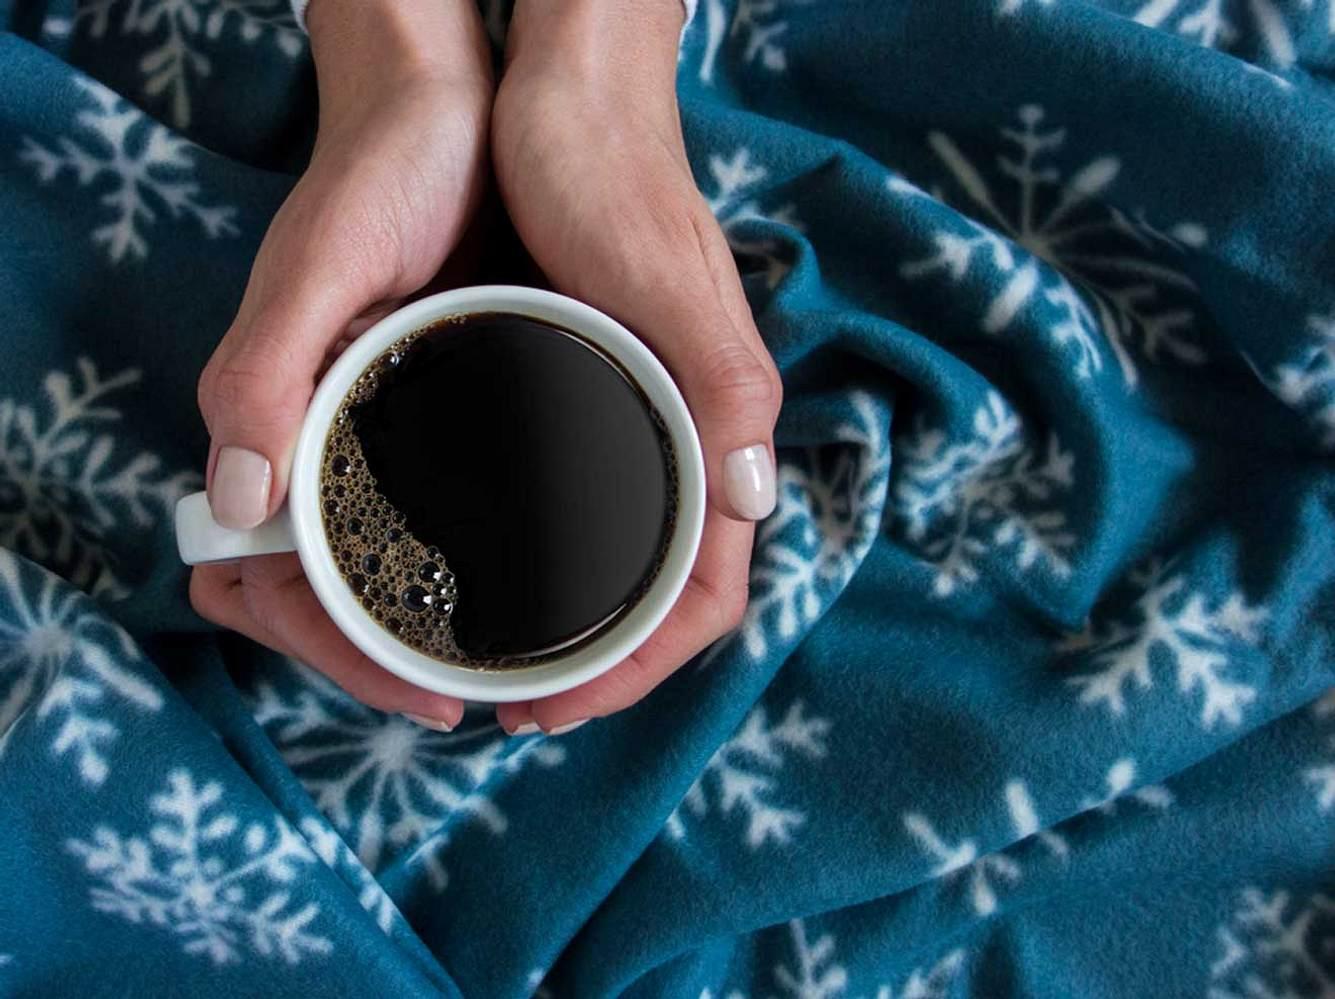 Bei einer Kaffee-Unverträglichkeit kommen mehrere Faktoren zusammen.